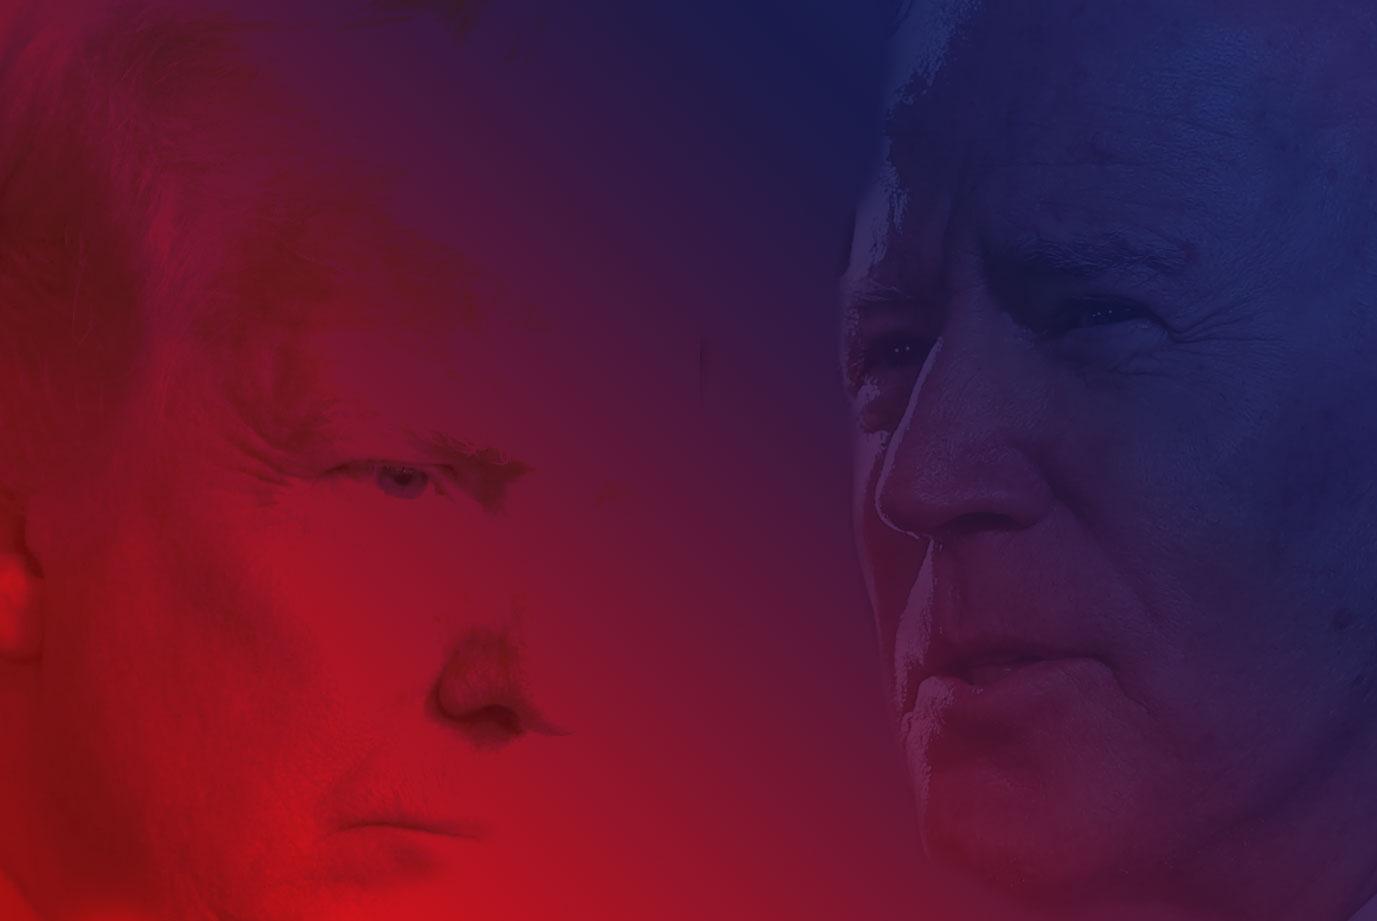 Lezioni americane, verso l'election day: lunedì 26 ottobre